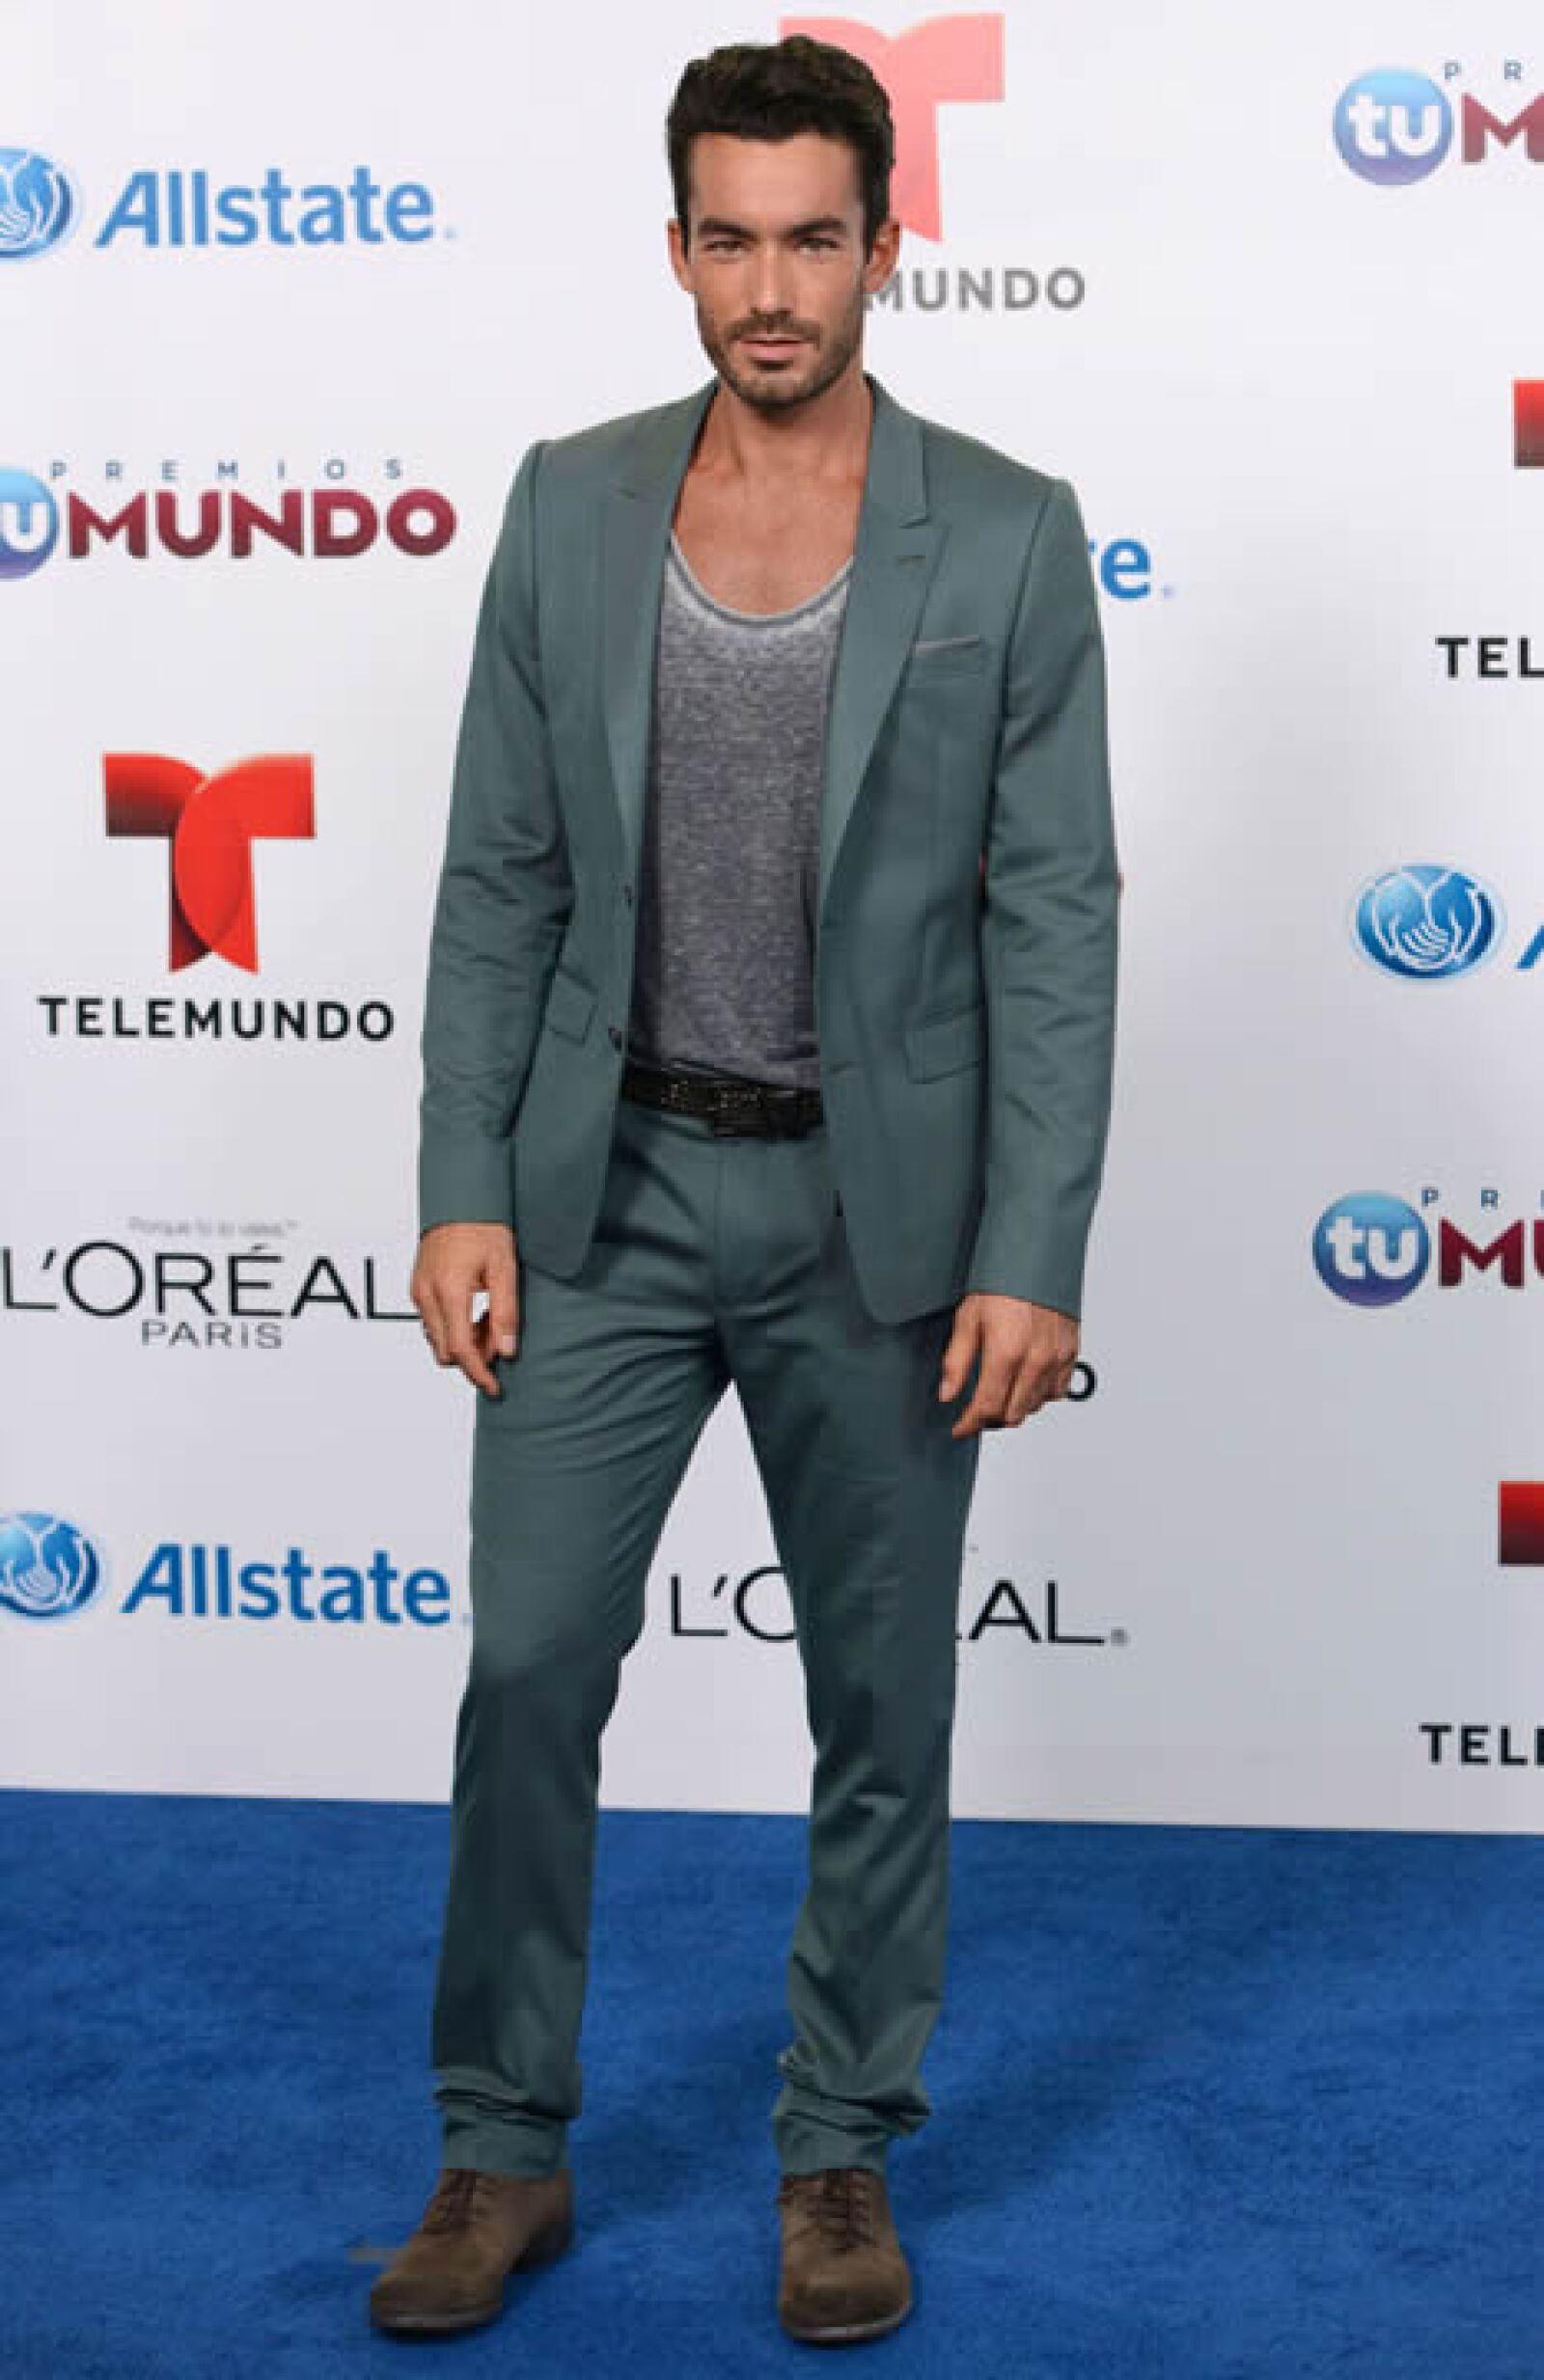 Aarón Díaz es uno de los hombres mexicanos más atractivos, además de poseer un rostro casi perfecto, profesa gran culto a su cuerpo. Actualmente espera a su segundo bebé al lado de Lola Ponce.